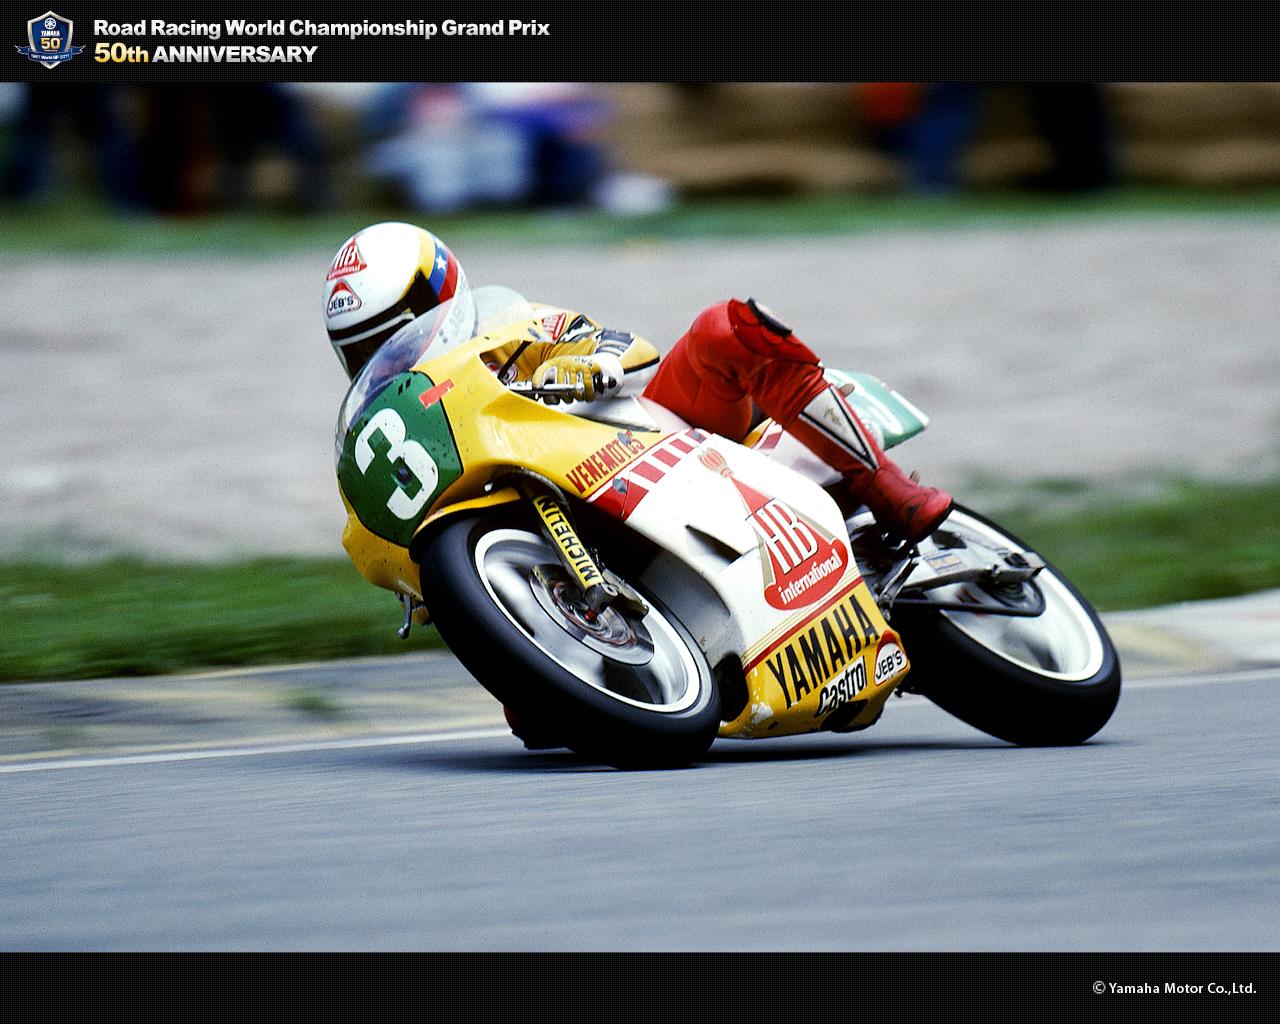 Carlos Lavado Carlos Lavado Motorcycle Race YAMAHA MOTOR CO LTD